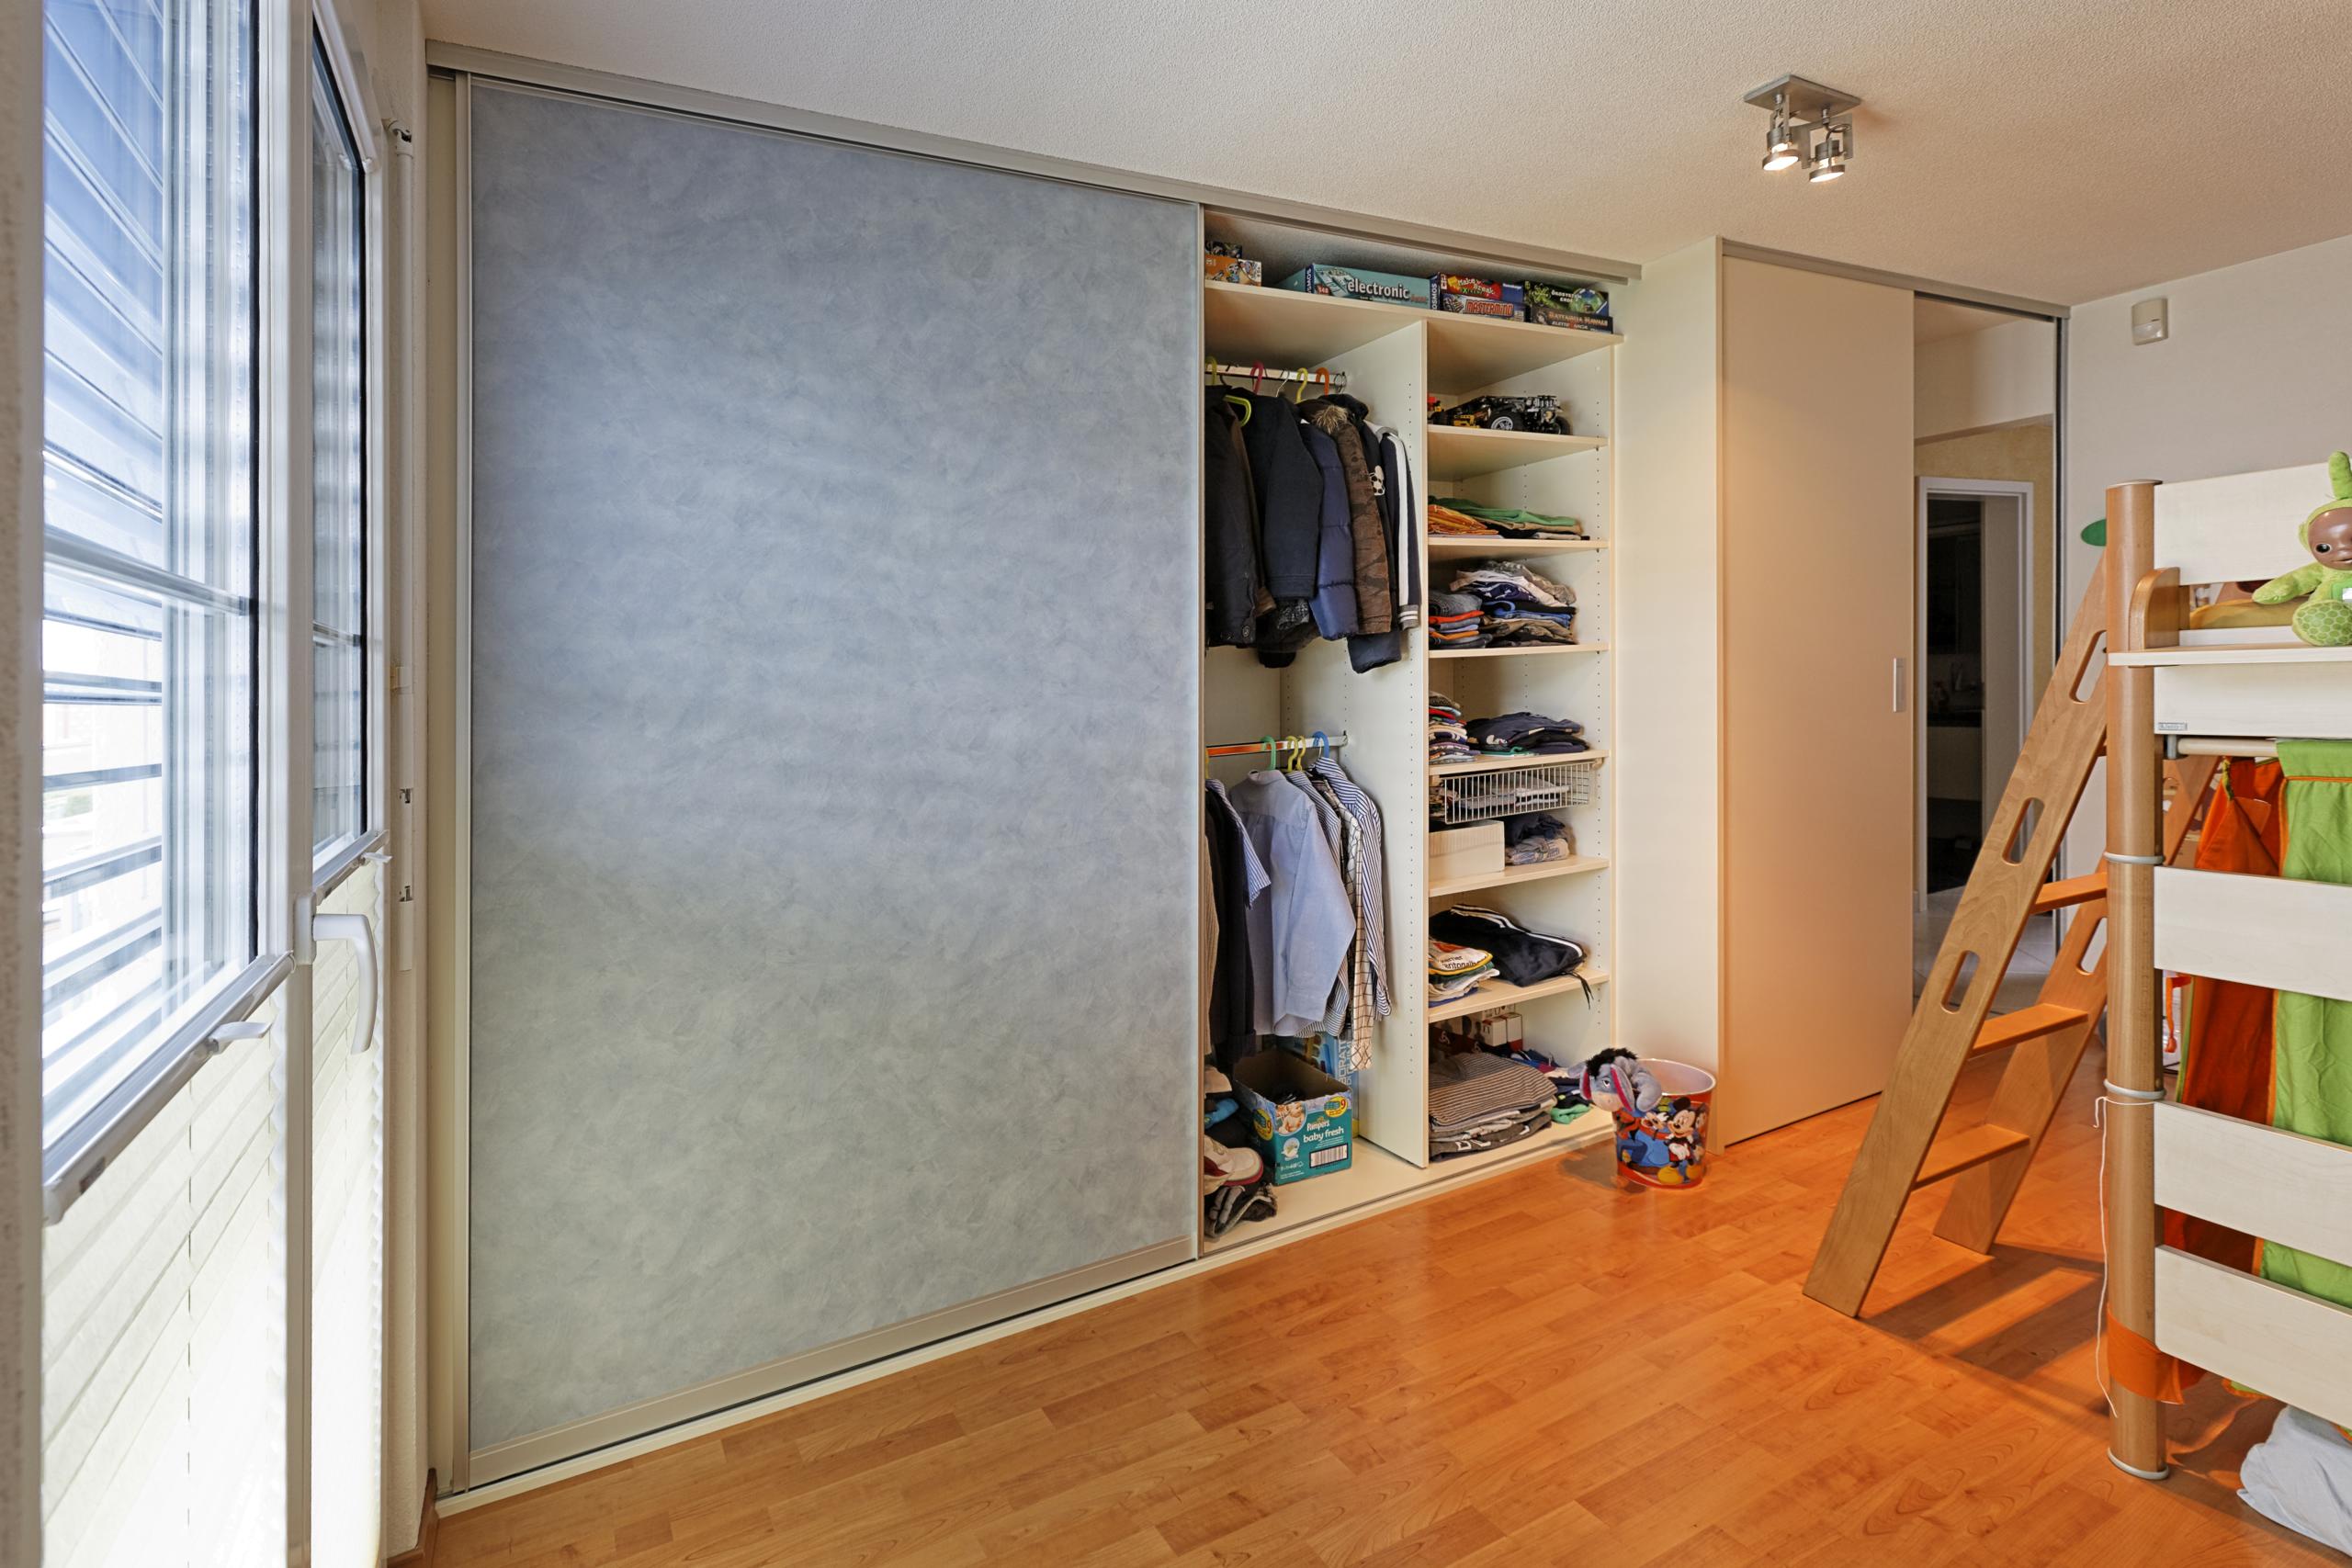 schiebet ren schrankfront im kinderzimmer in farbigem. Black Bedroom Furniture Sets. Home Design Ideas